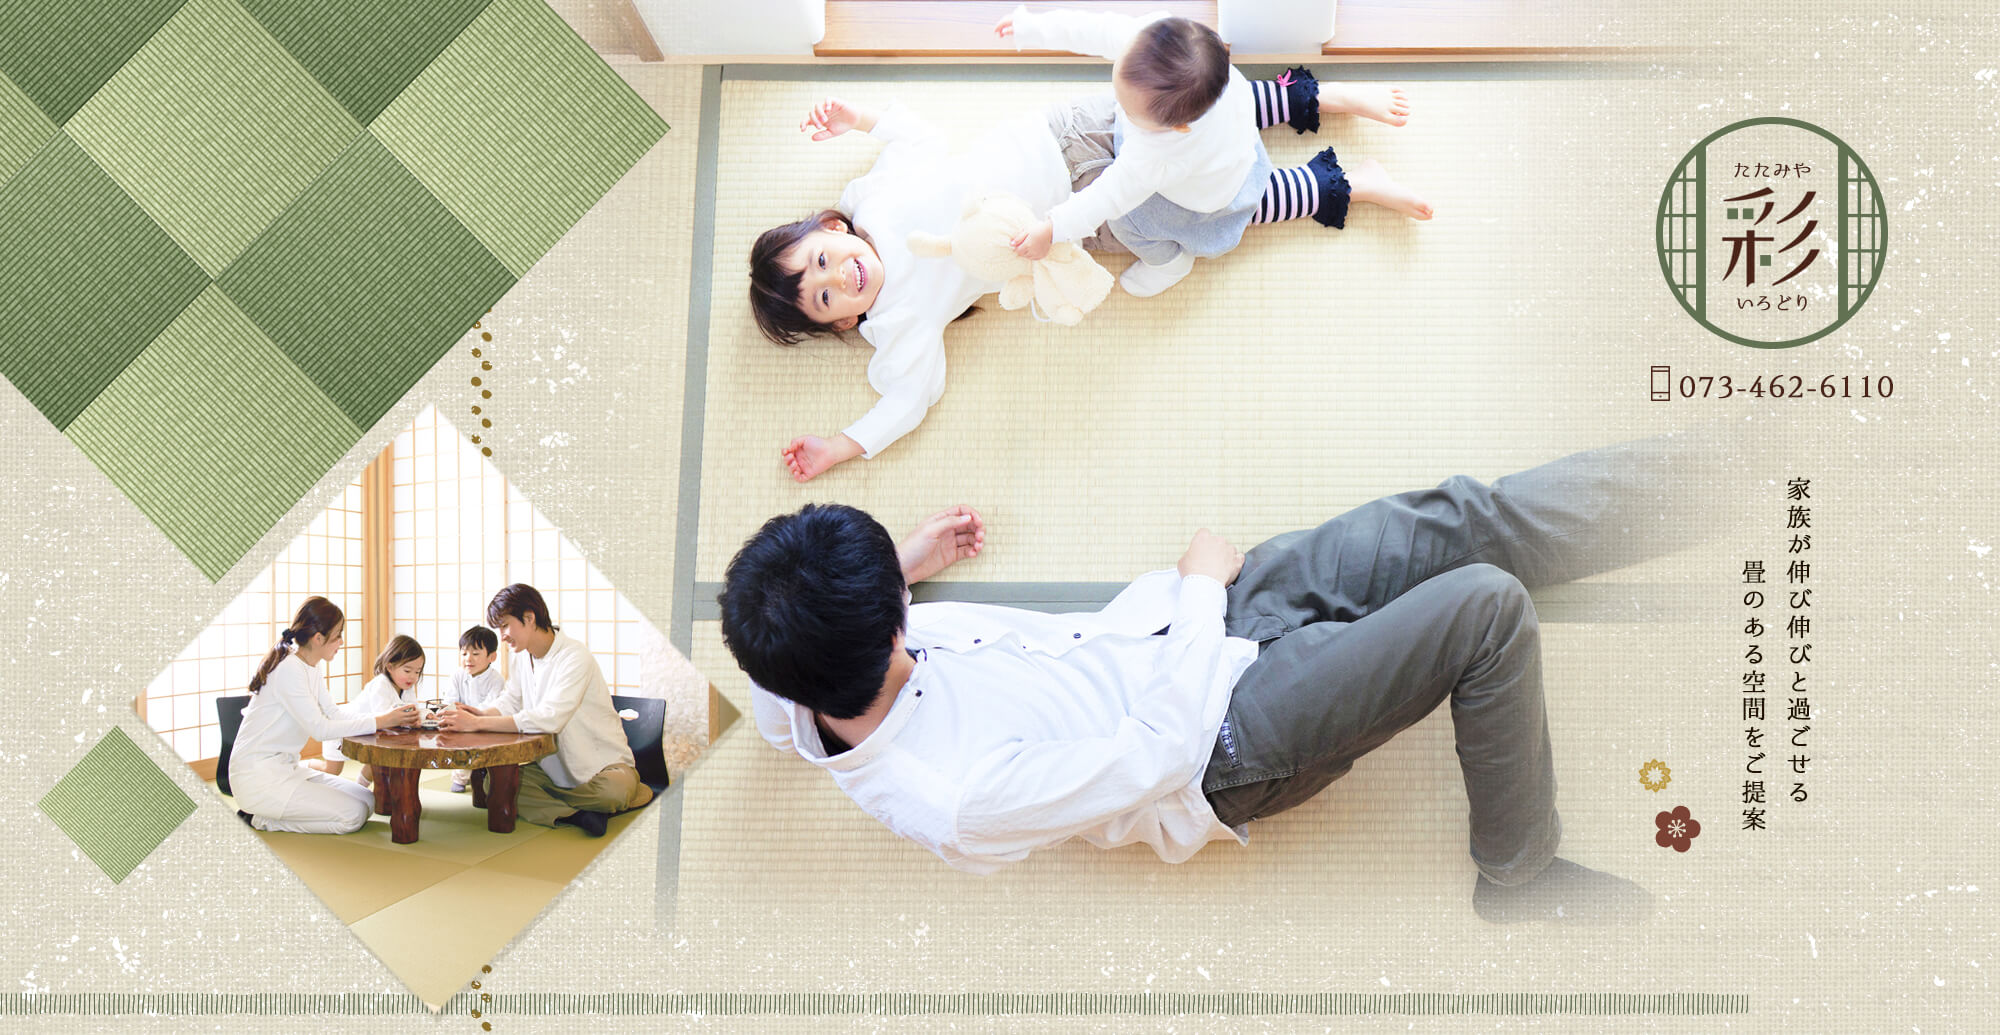 家族が伸び伸びと過ごせる畳のある空間をご提案